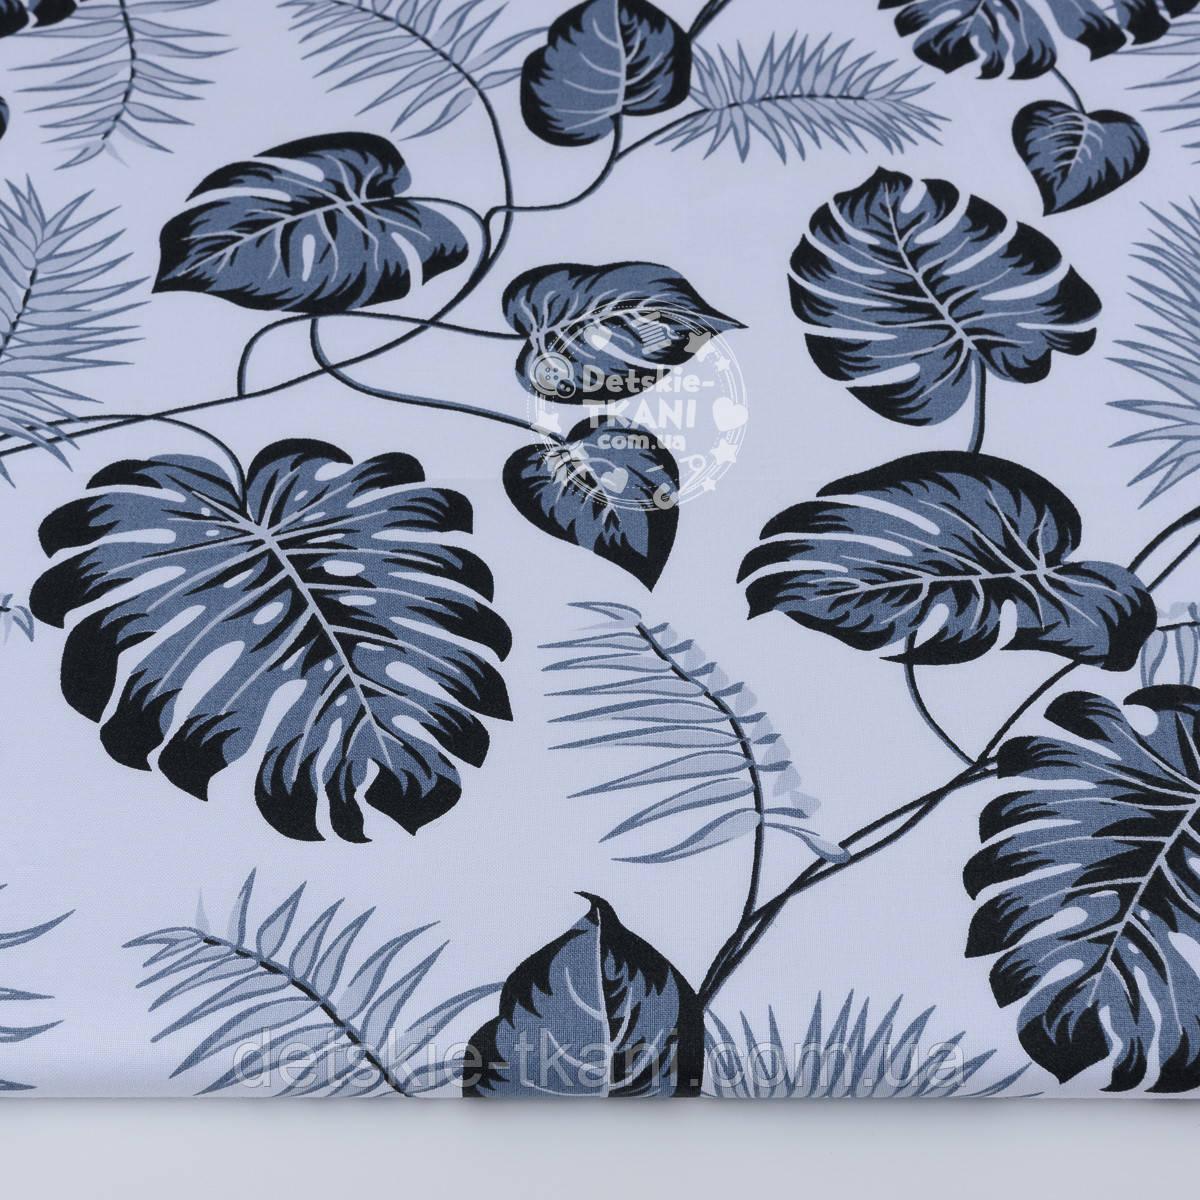 """Лоскут ткани """"Листья монстеры и пальмы"""" среднего размера серые на белом фоне, №1308, размер 40*80 см"""